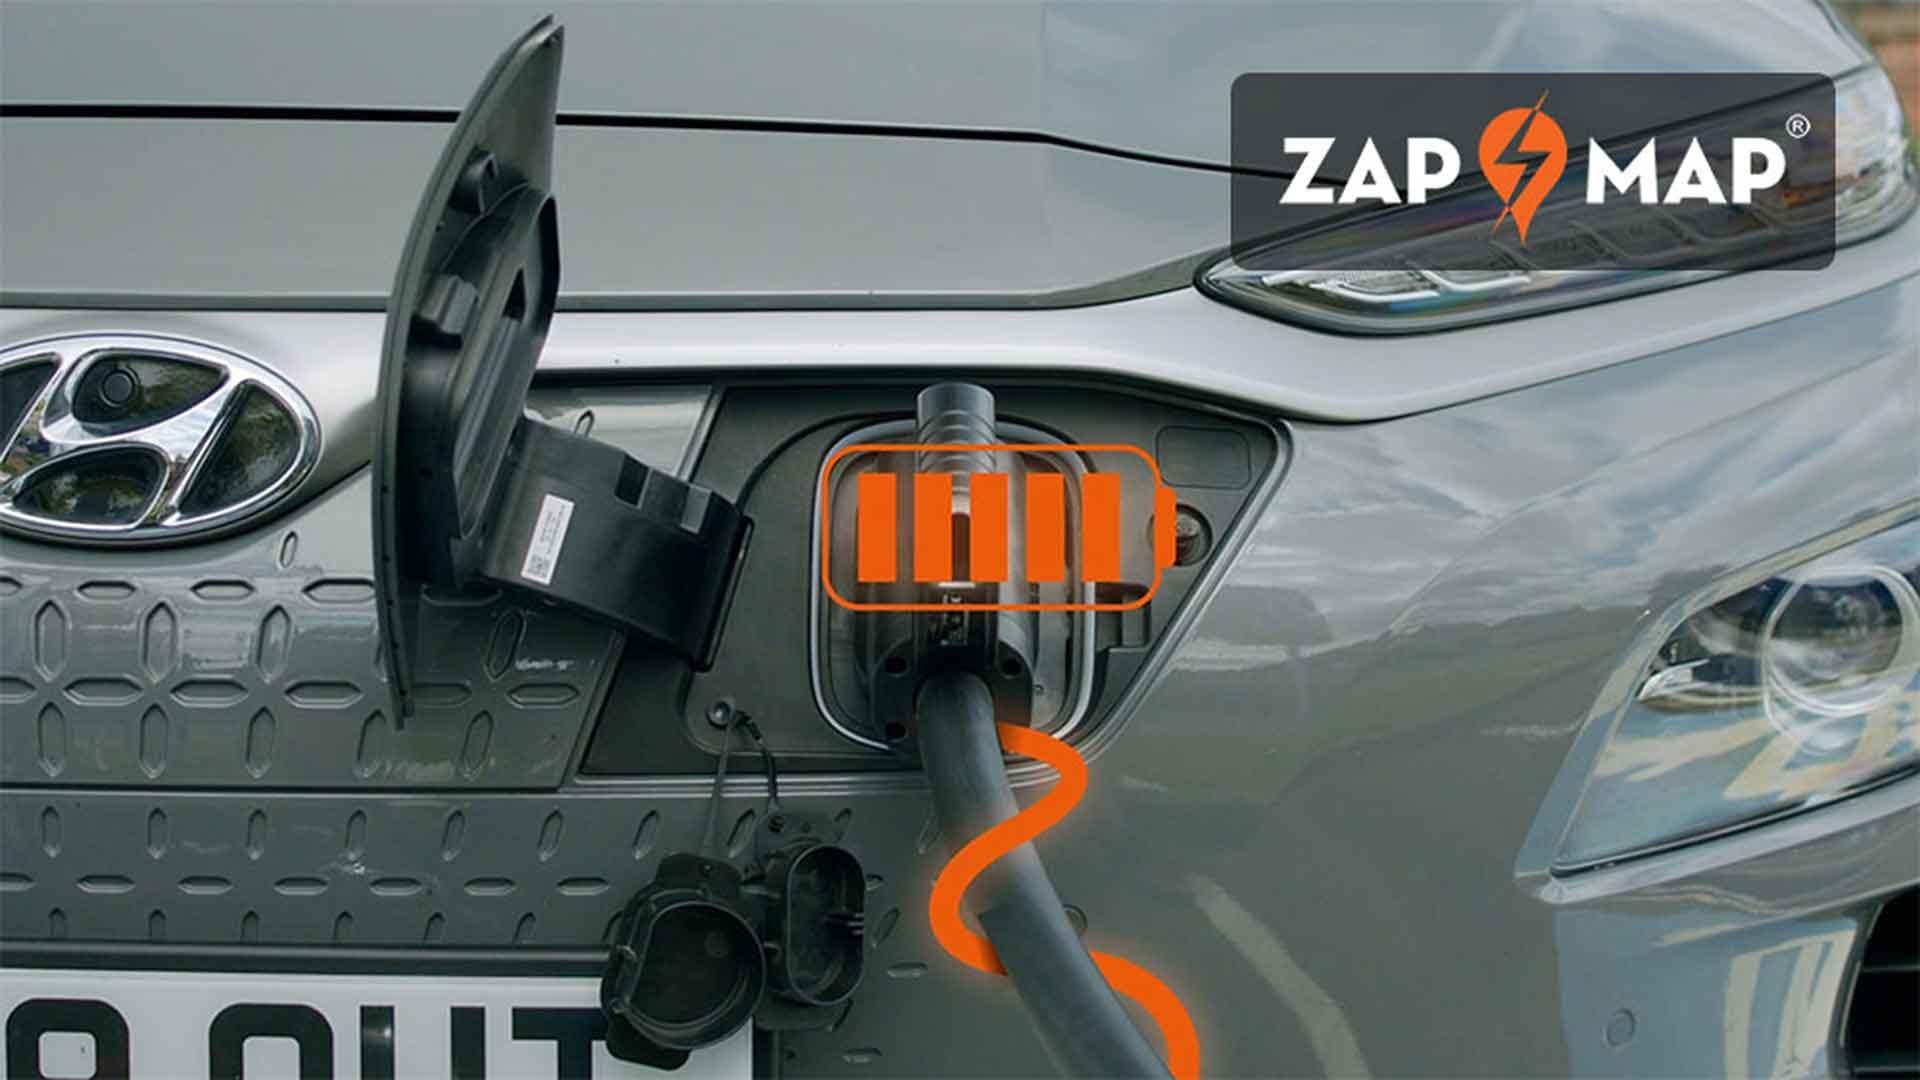 Zap-Pay